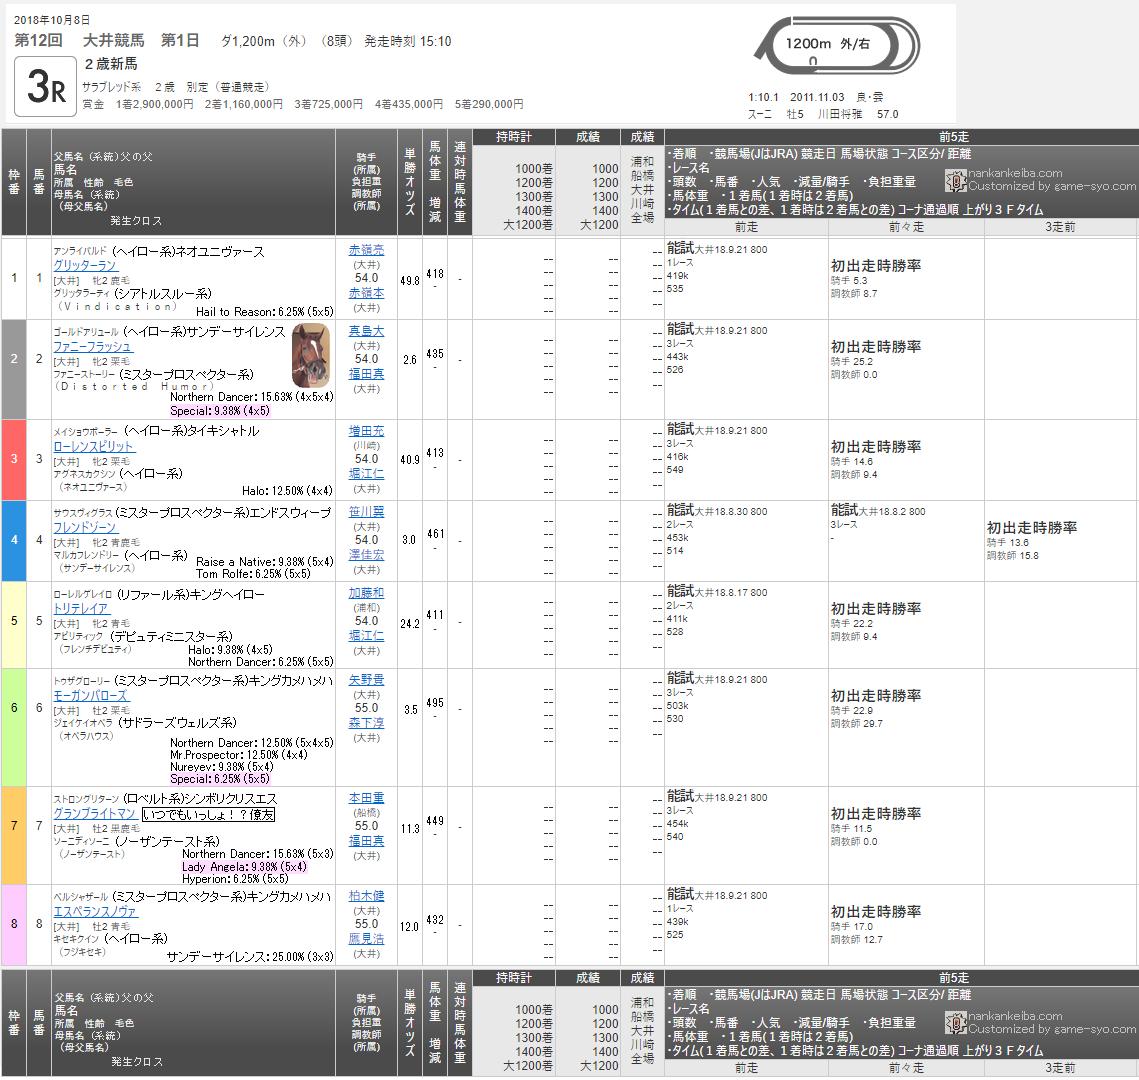 2018/10/08 出走馬